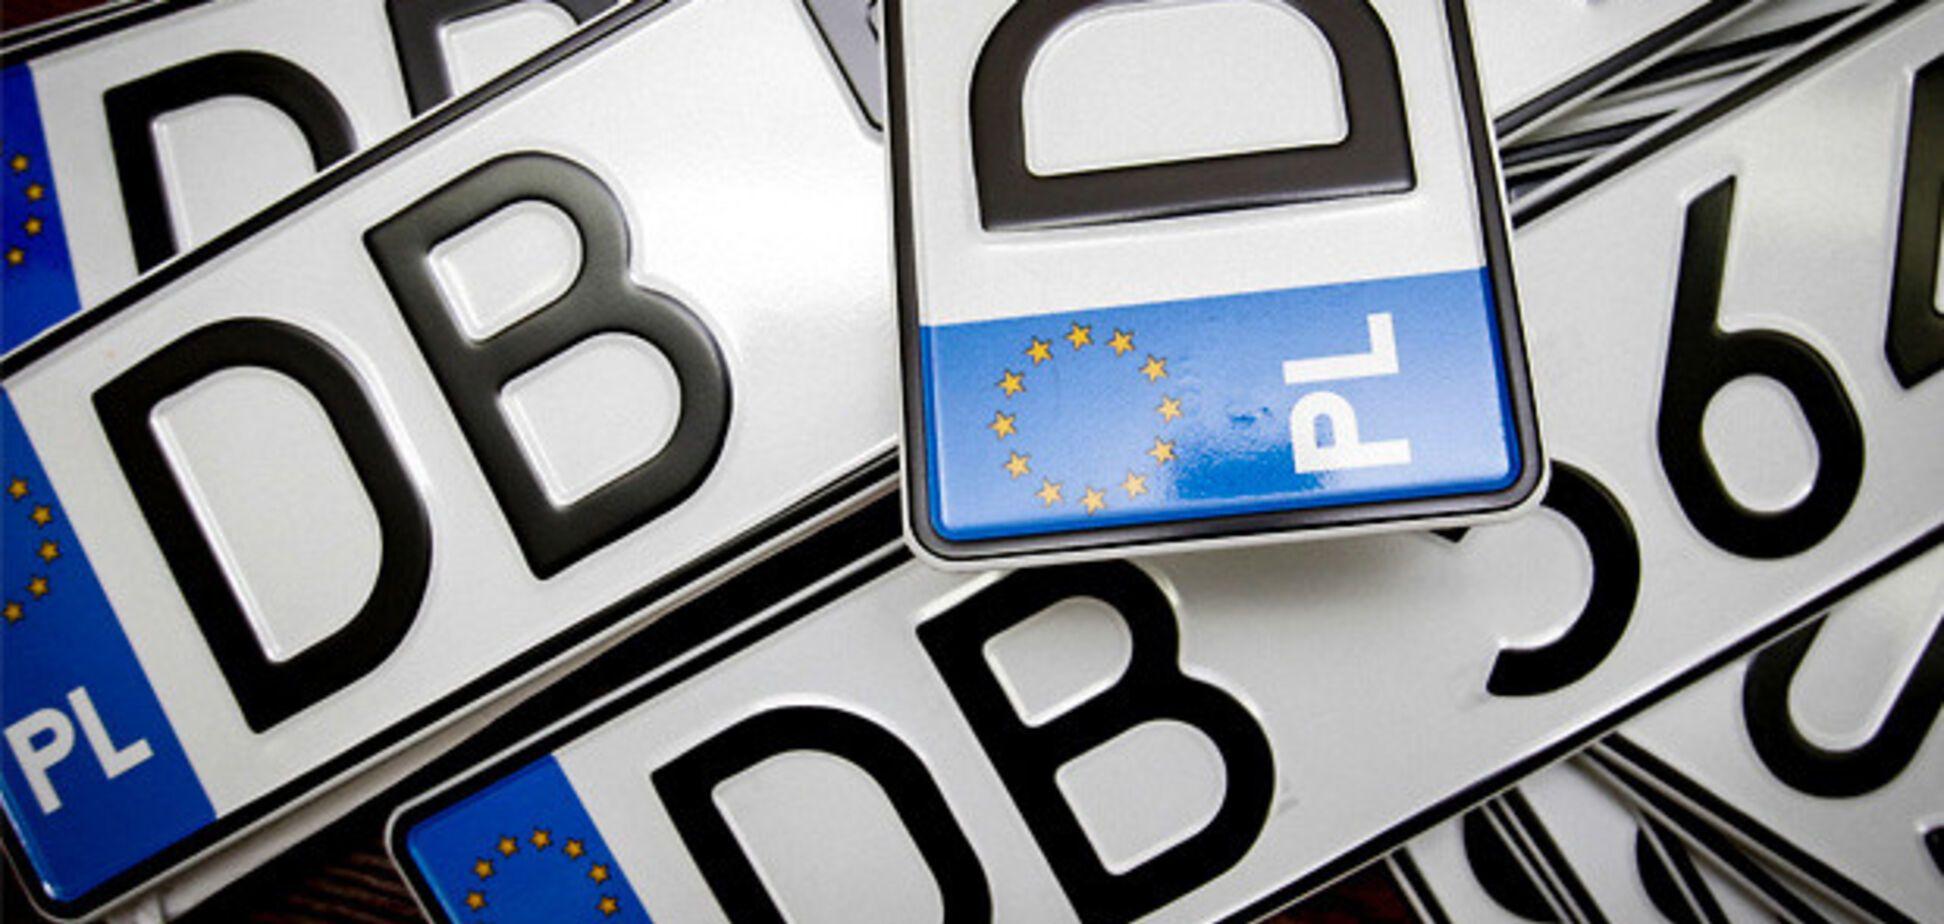 Дадут ли полиции право временного задержания евроблях?